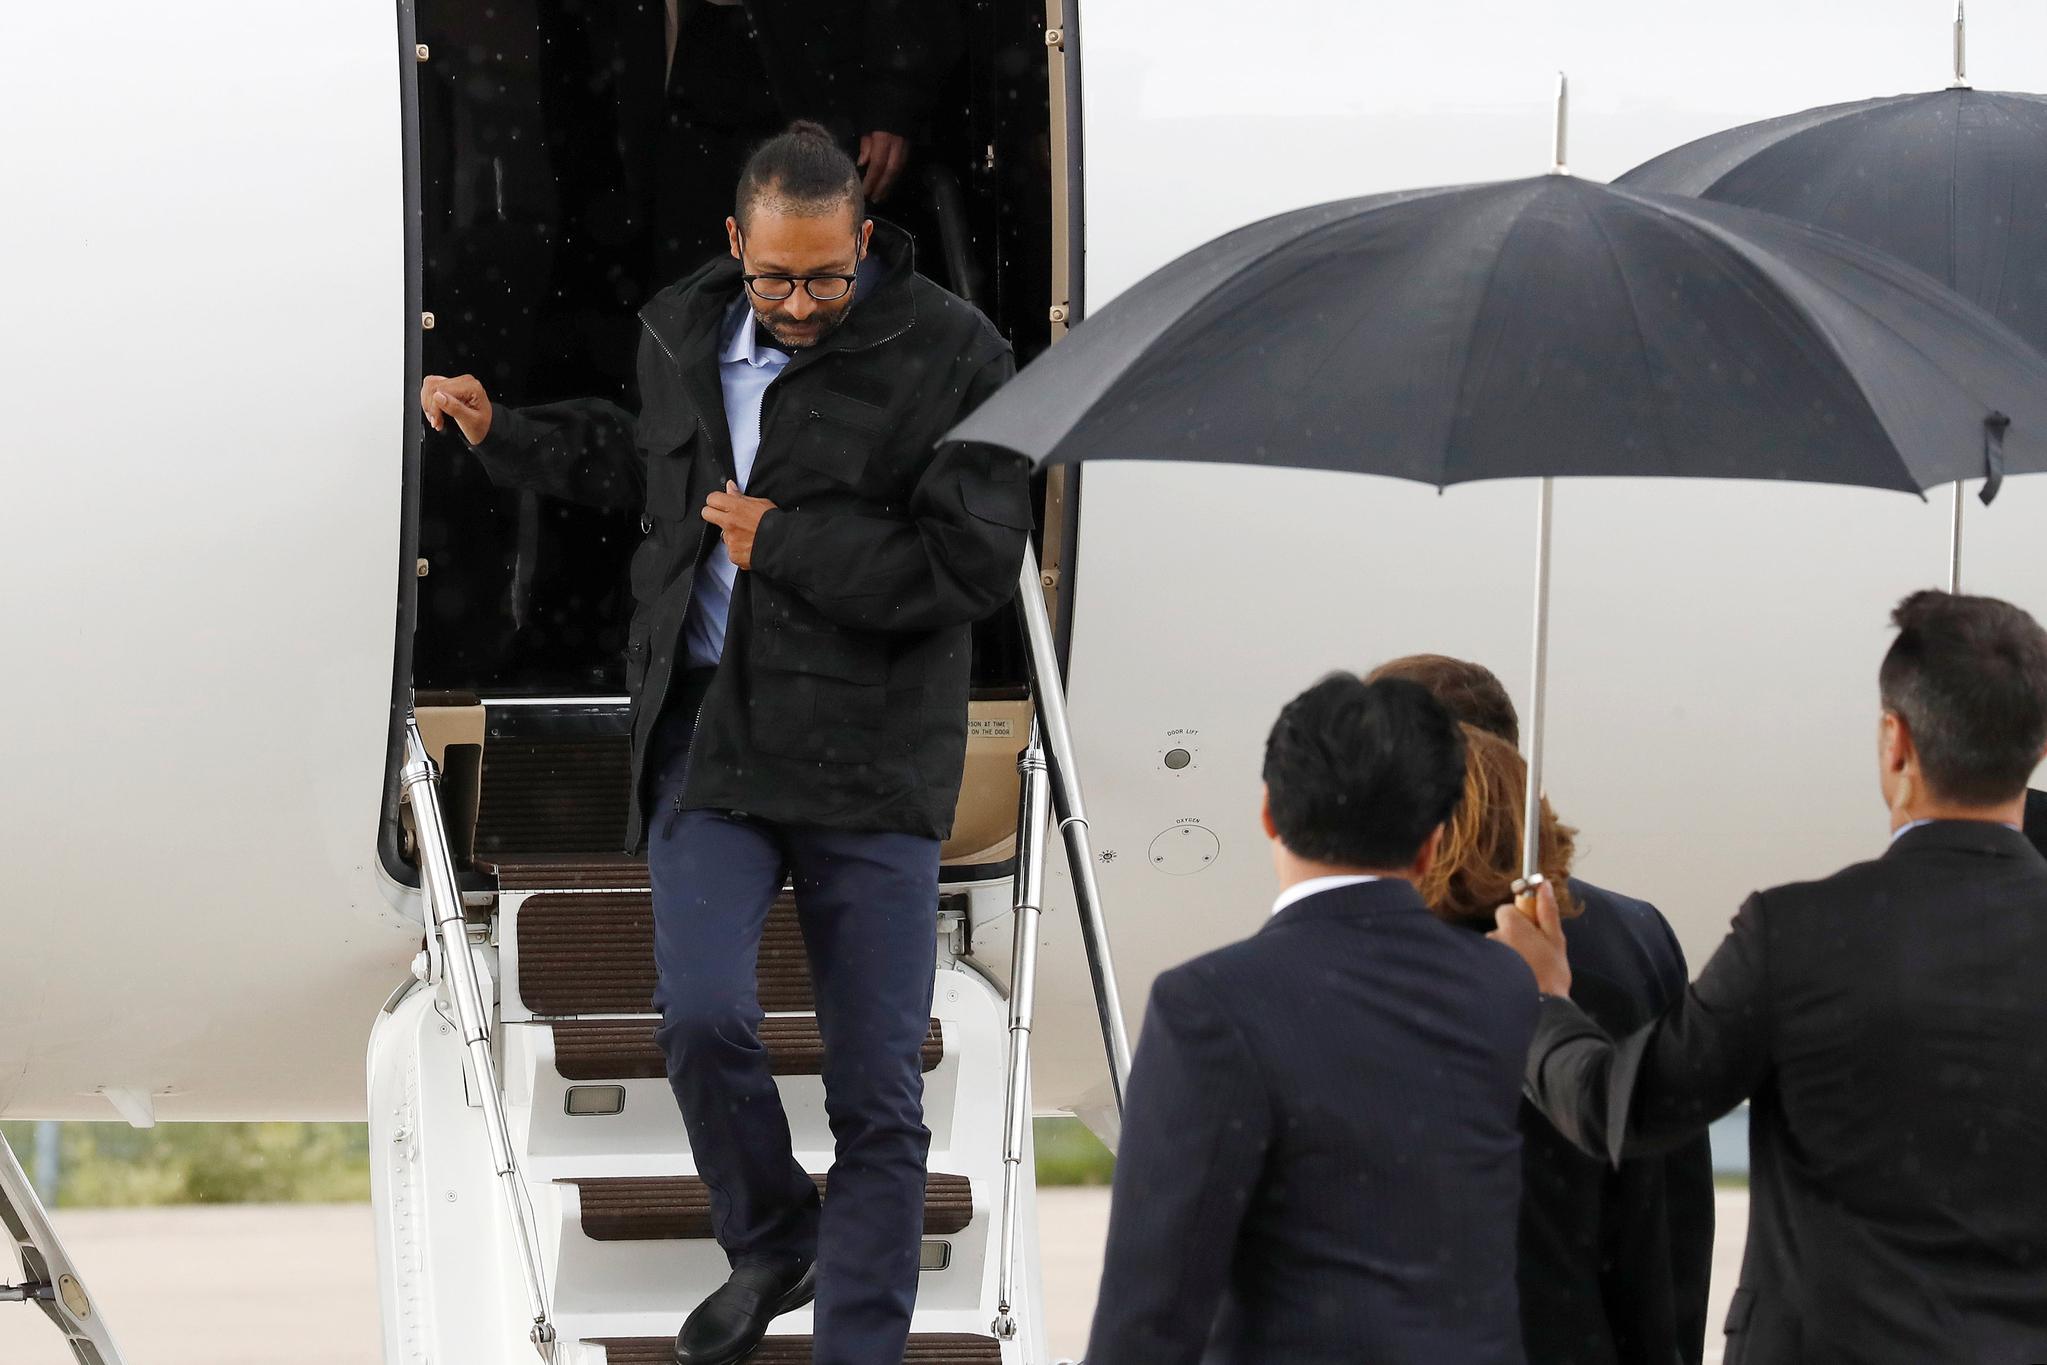 프랑스인 로랑 라시무일라스가 전용기에서 내리고 있다. [AP=연합뉴스]